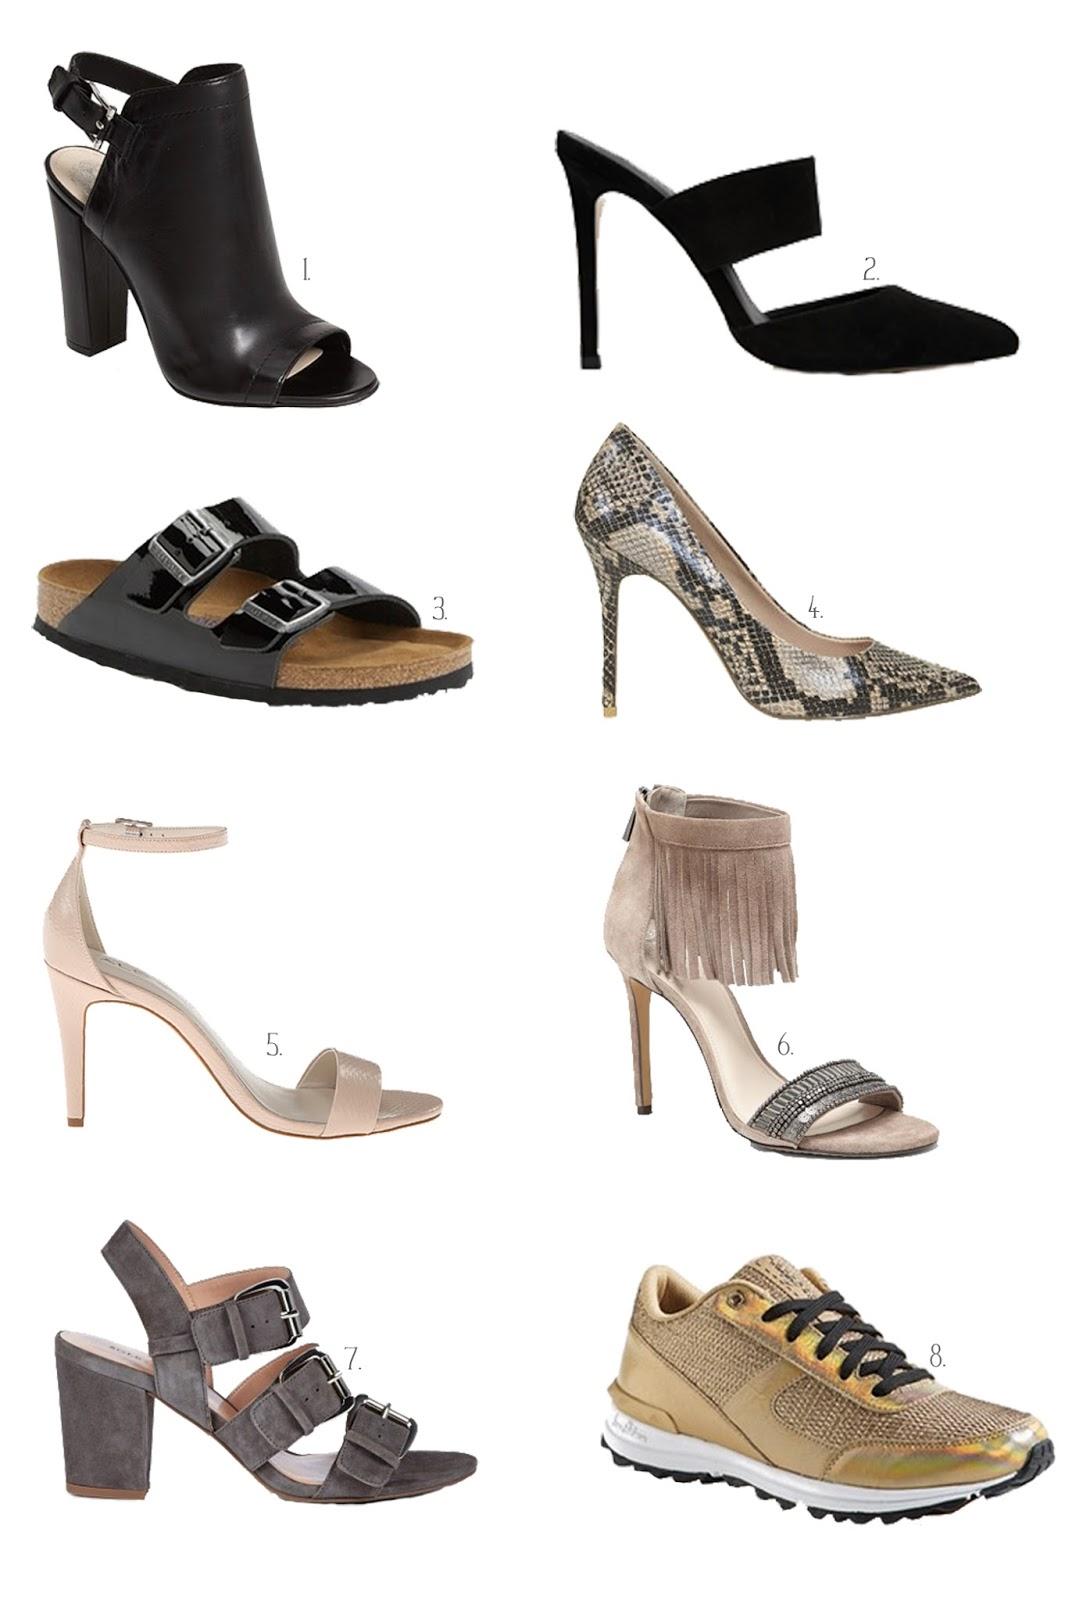 spring-summer-shoe-trends